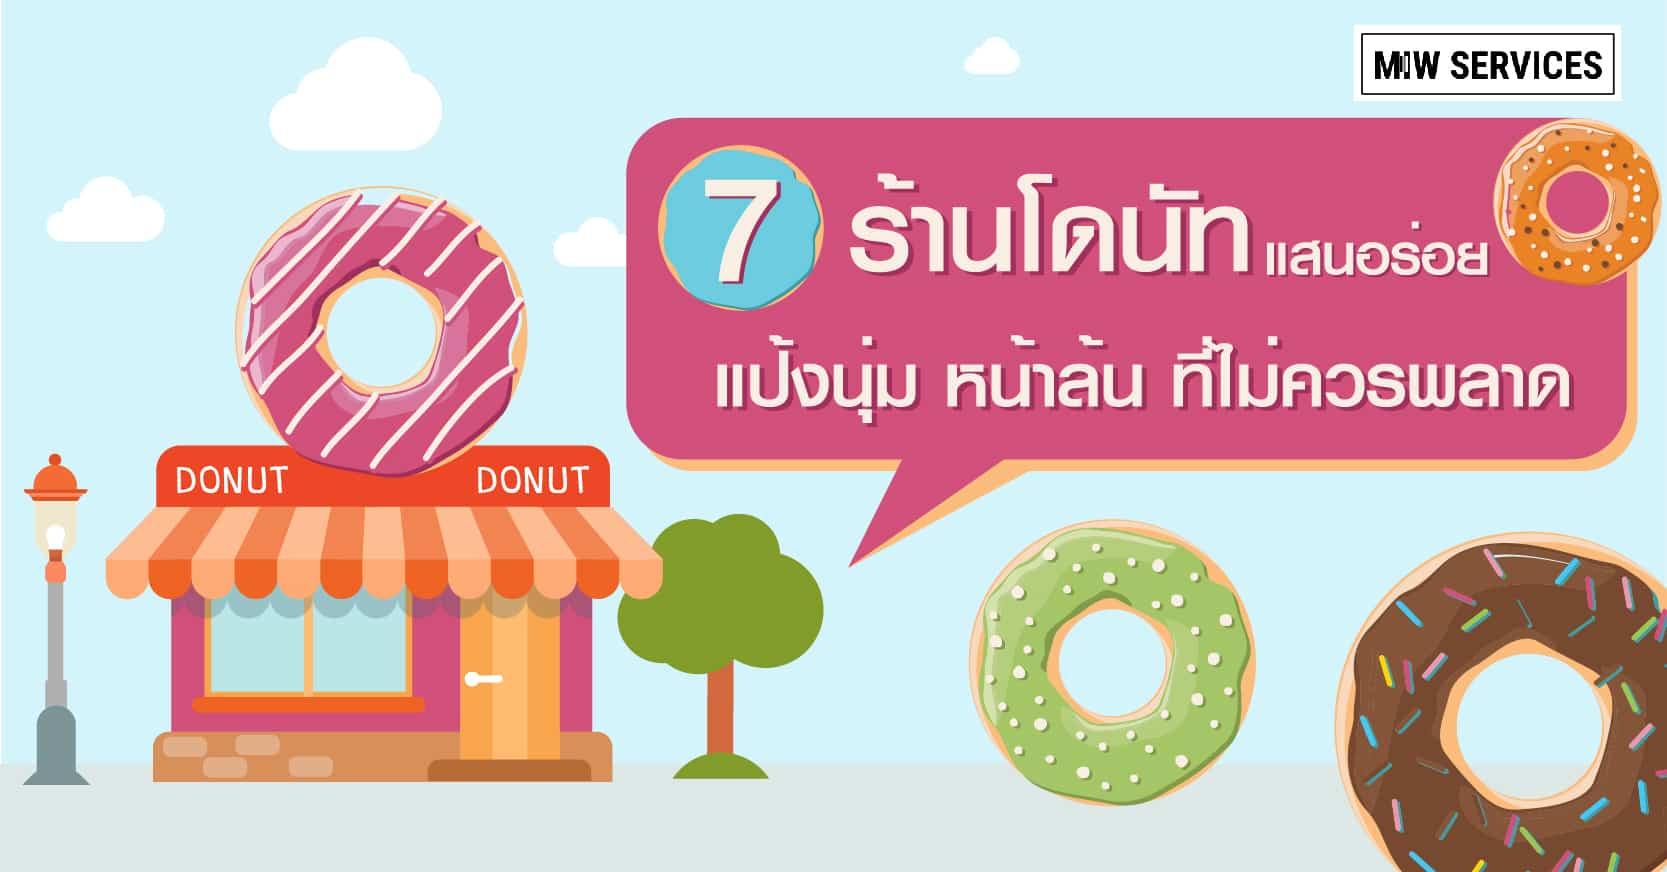 CT 1200x628 donut 01 - แนะนำ 7 ร้านโดนัทแสนอร่อย แป้งนุ่ม หน้าล้น ที่ไม่ควรพลาด